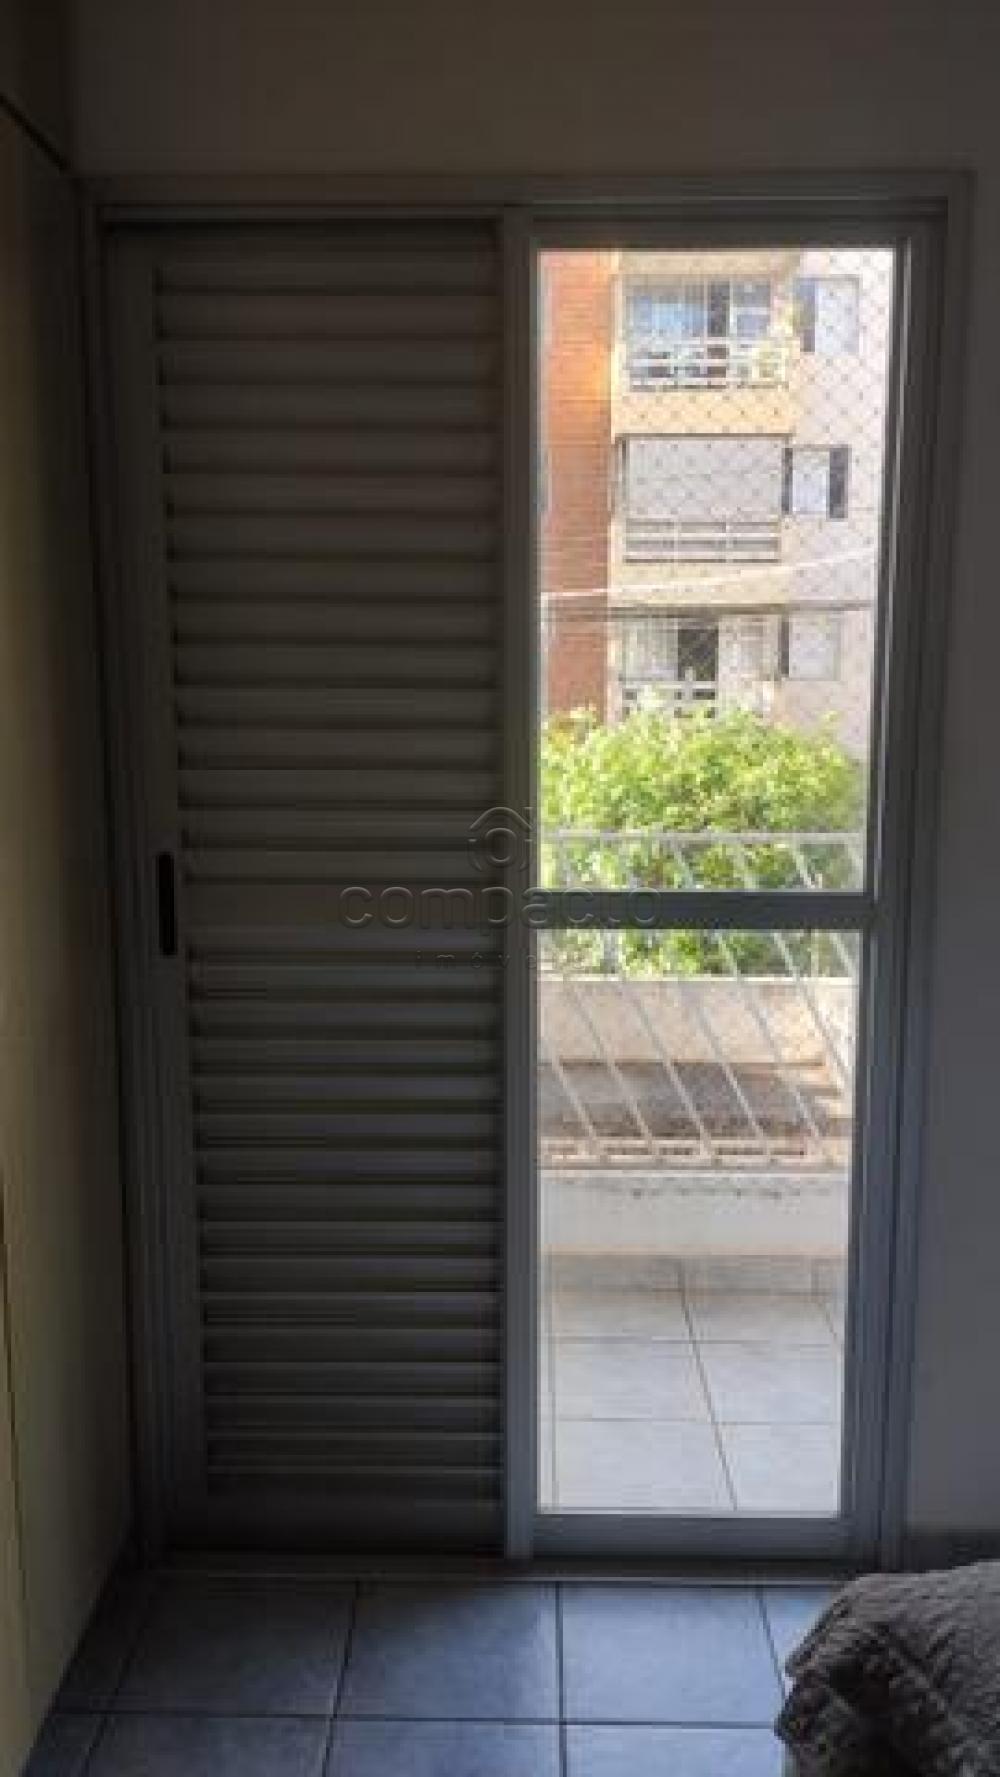 Comprar Apartamento / Padrão em São José do Rio Preto apenas R$ 170.000,00 - Foto 7